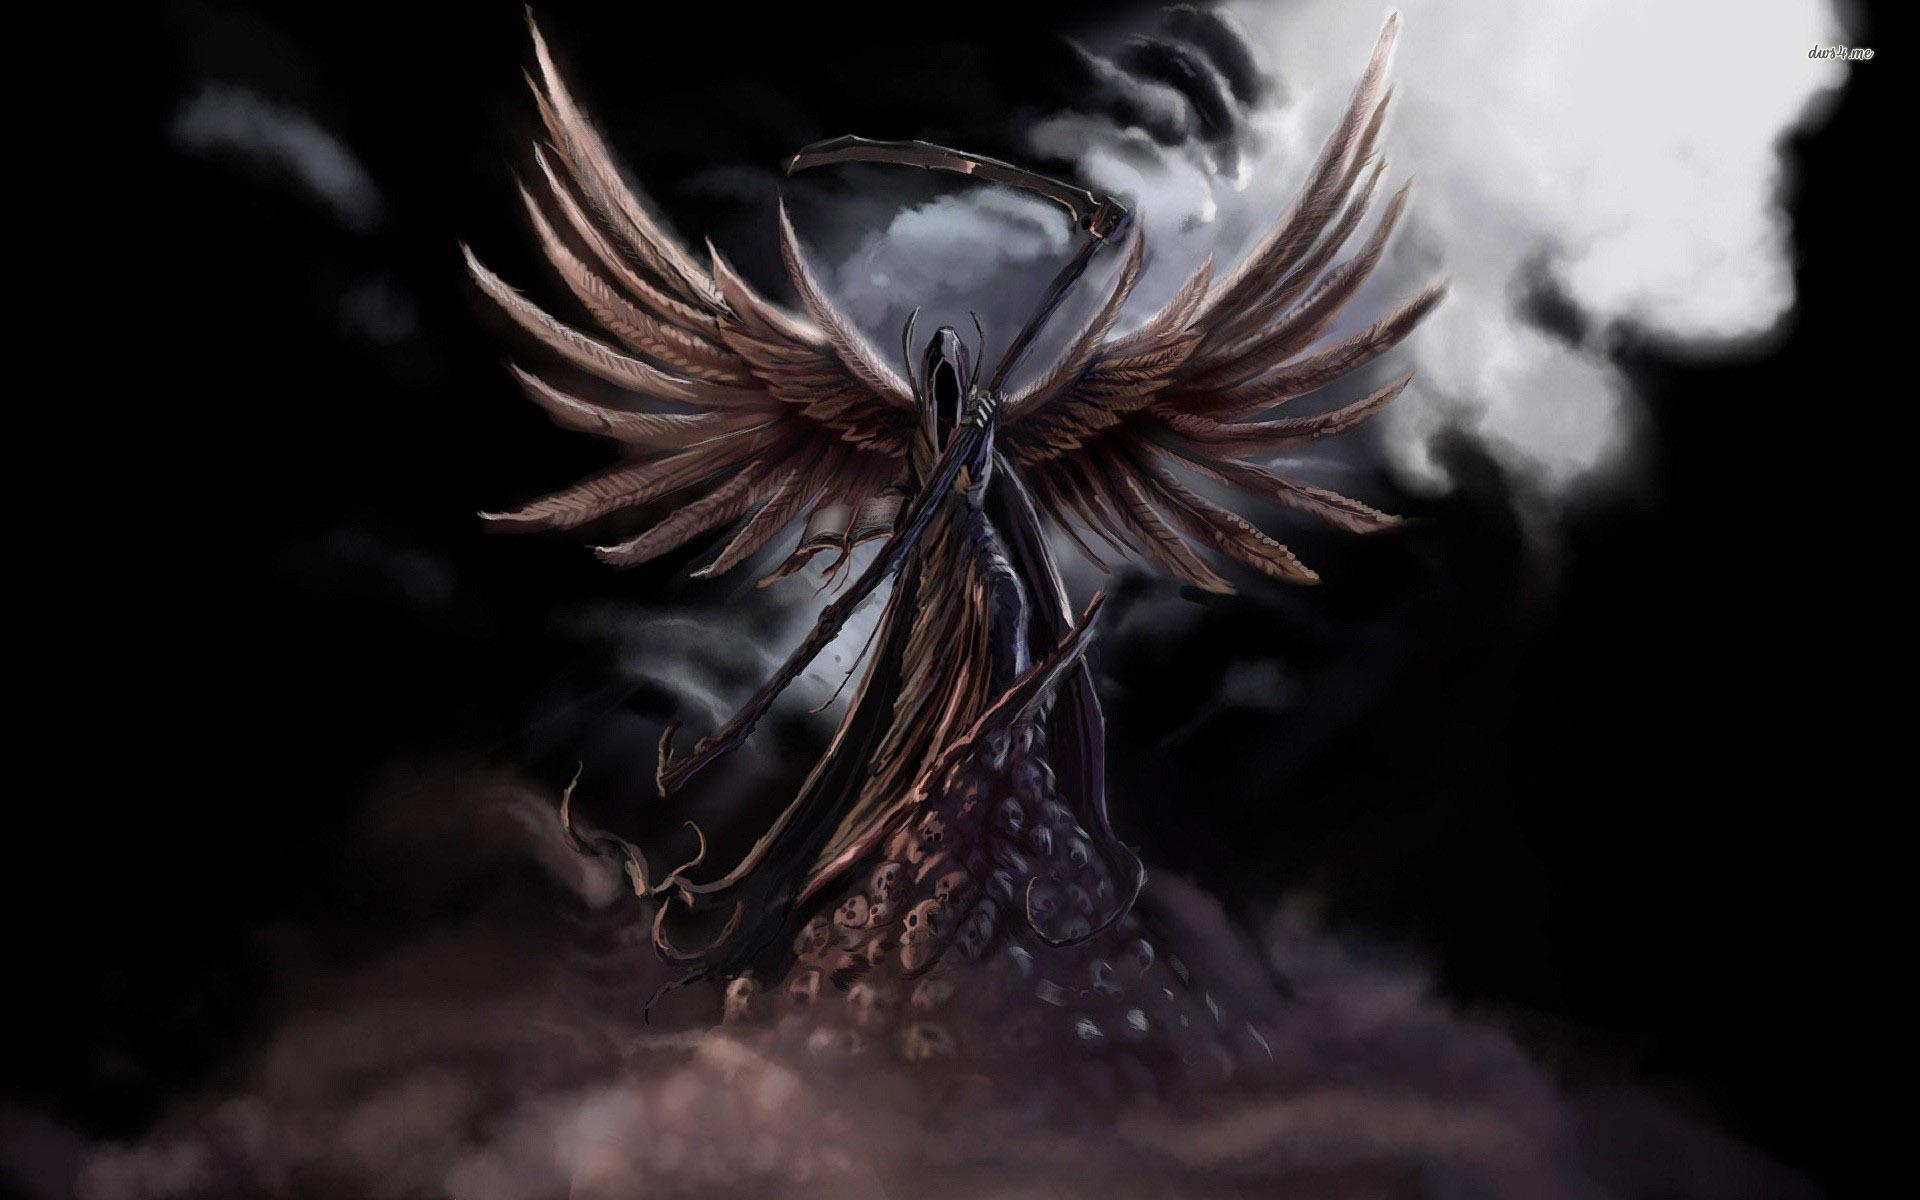 Drawn grim reaper angel wing Reaper Wings With Grim Wings